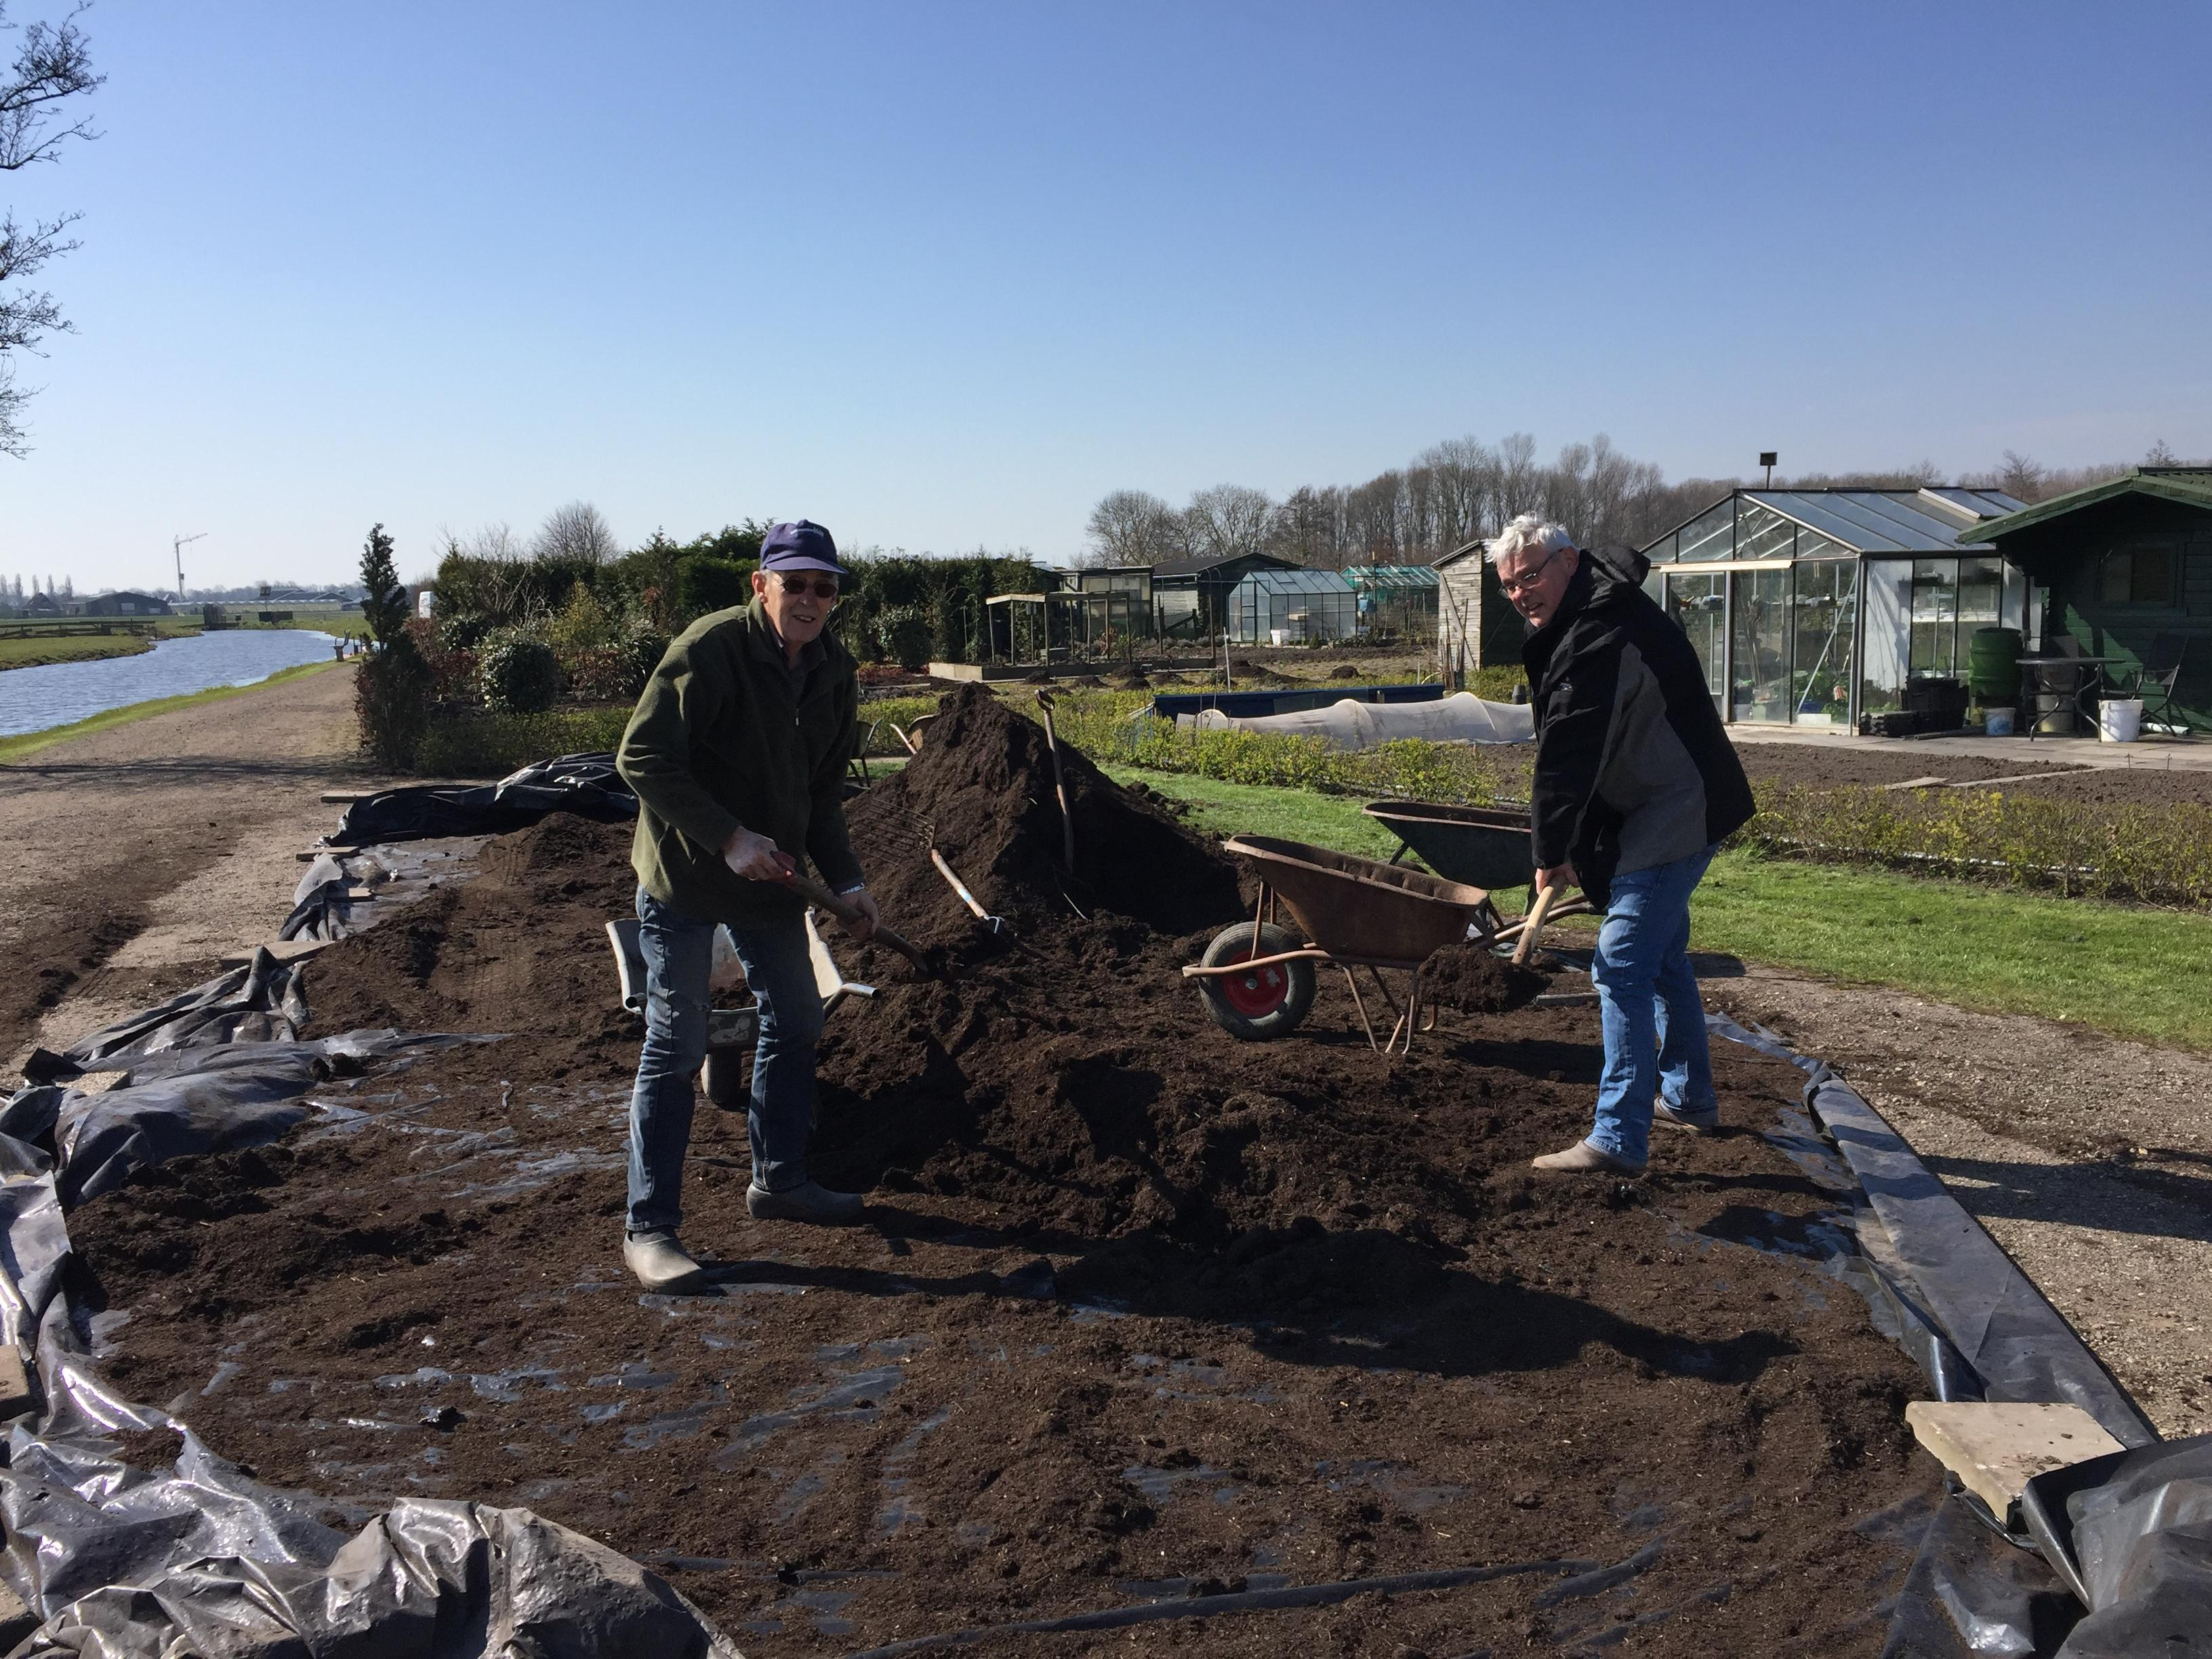 60 ton gratis compost valt in goede aarde bij volkstuinders in Obdam [video]